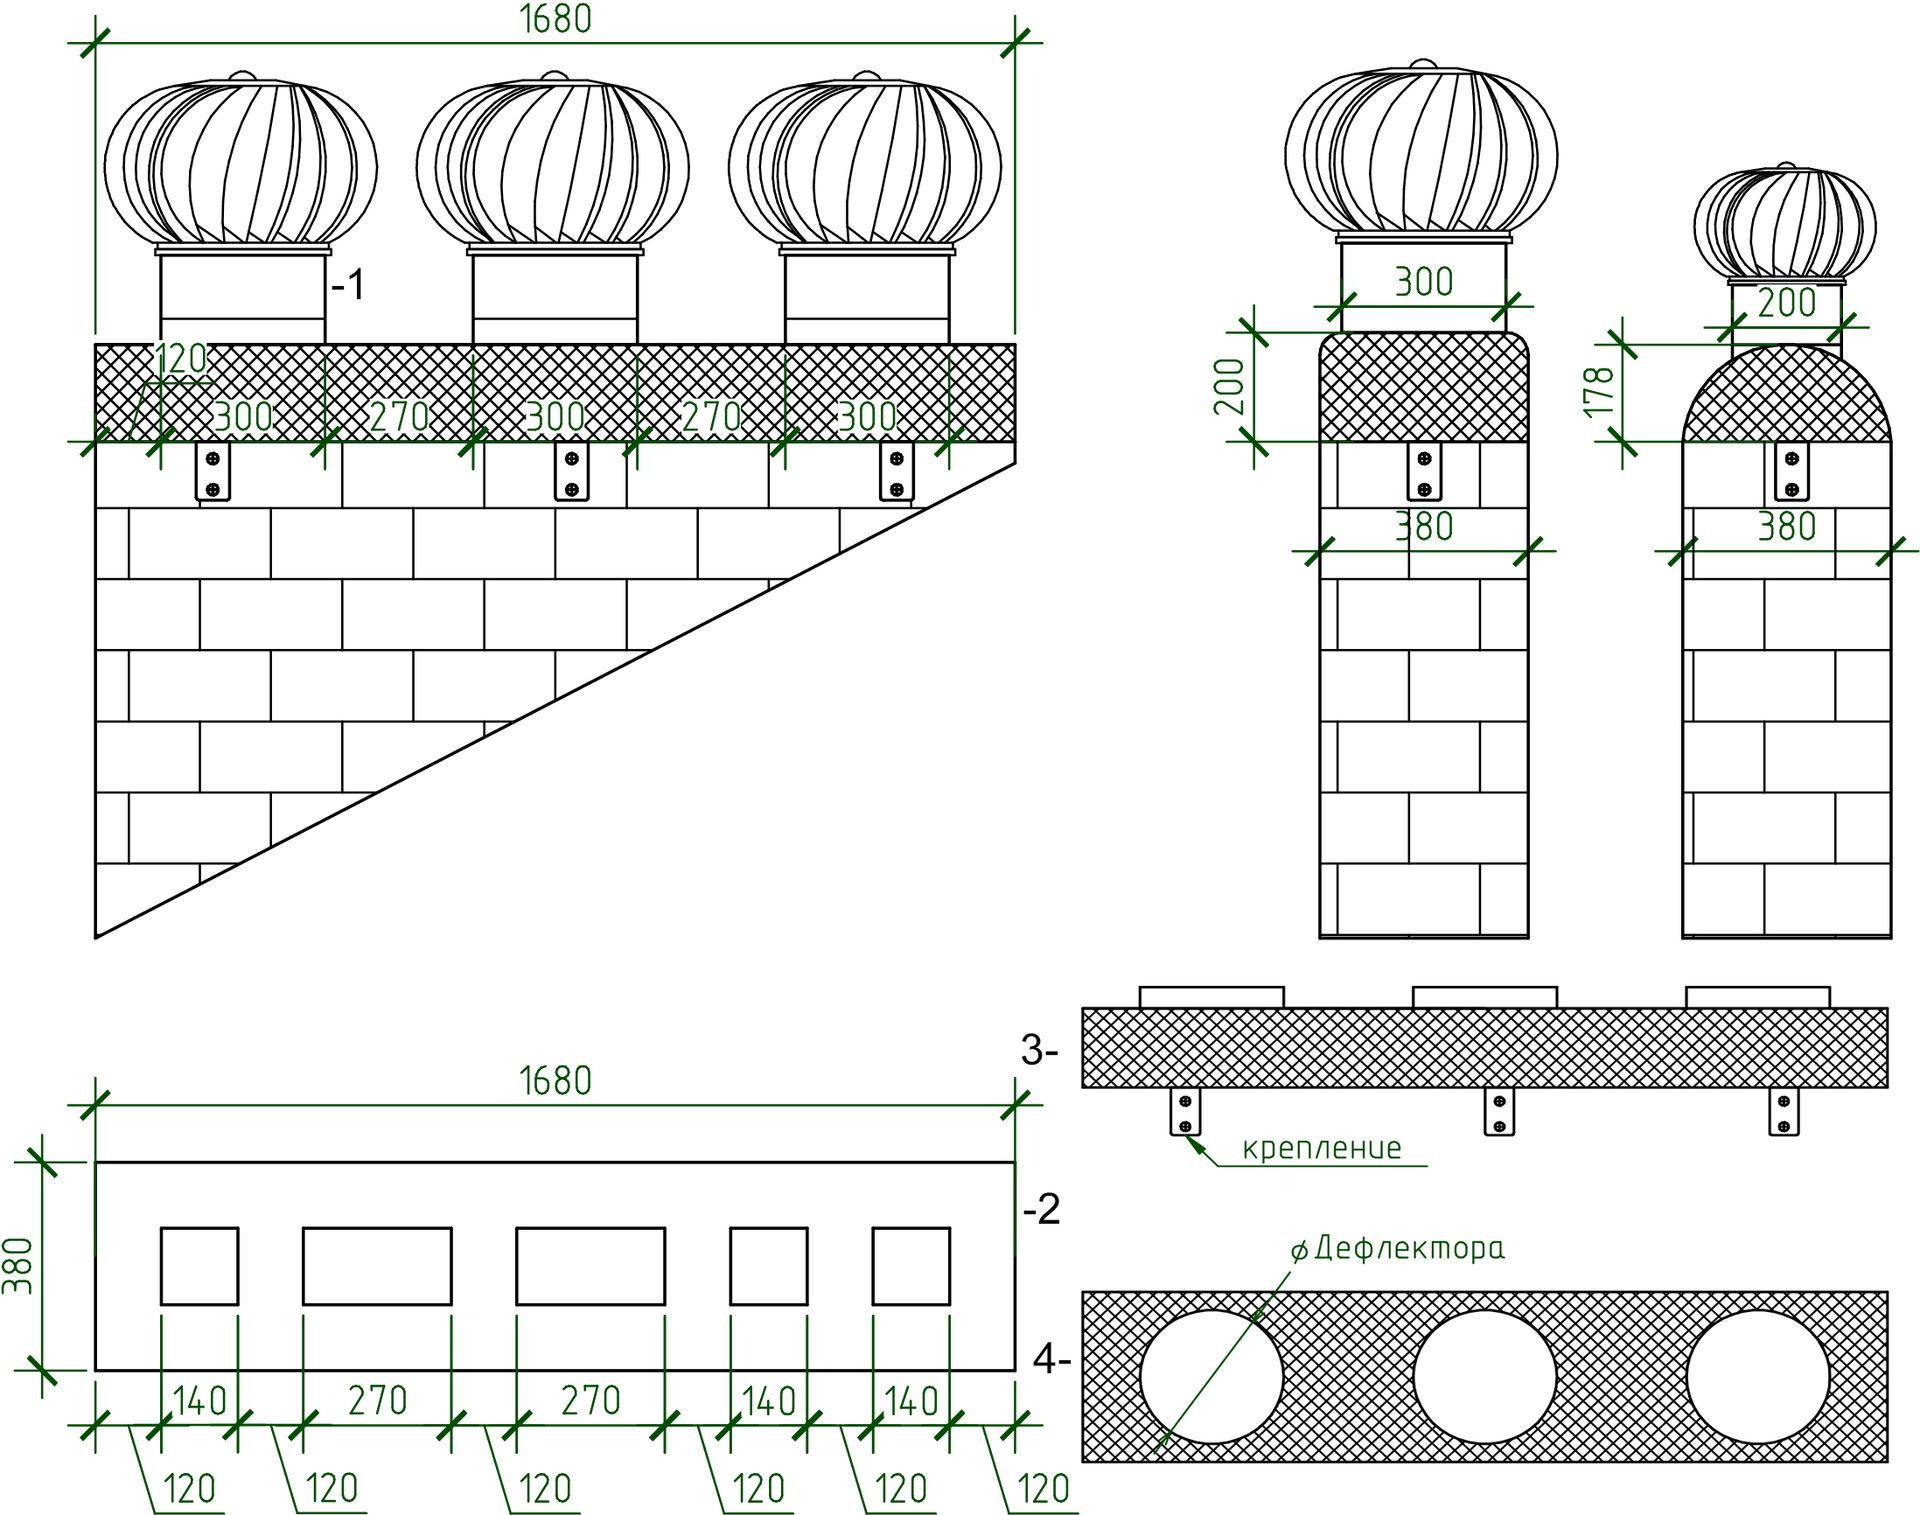 Ротационный дефлектор для вентиляции: чертежи и схема 84